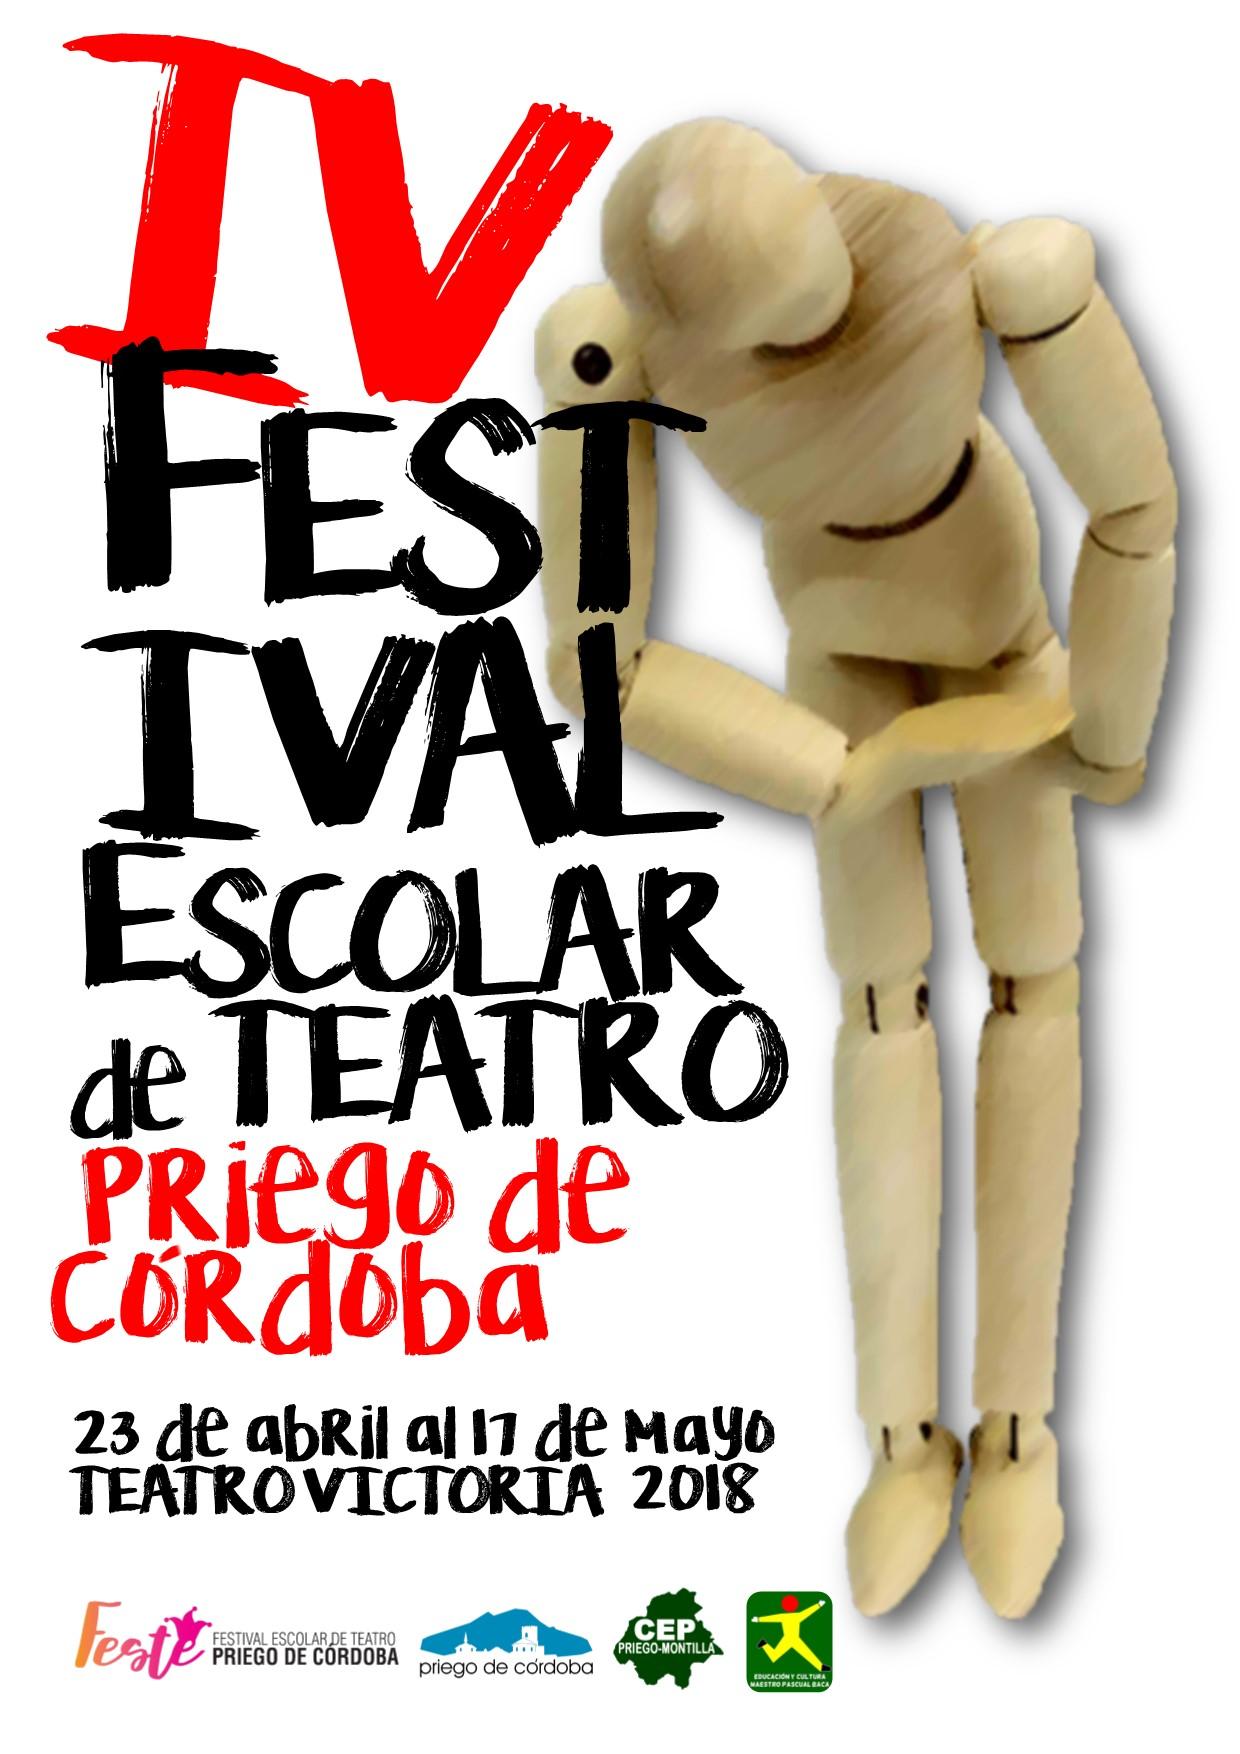 FESTE (FESTE Teatro.jpg)